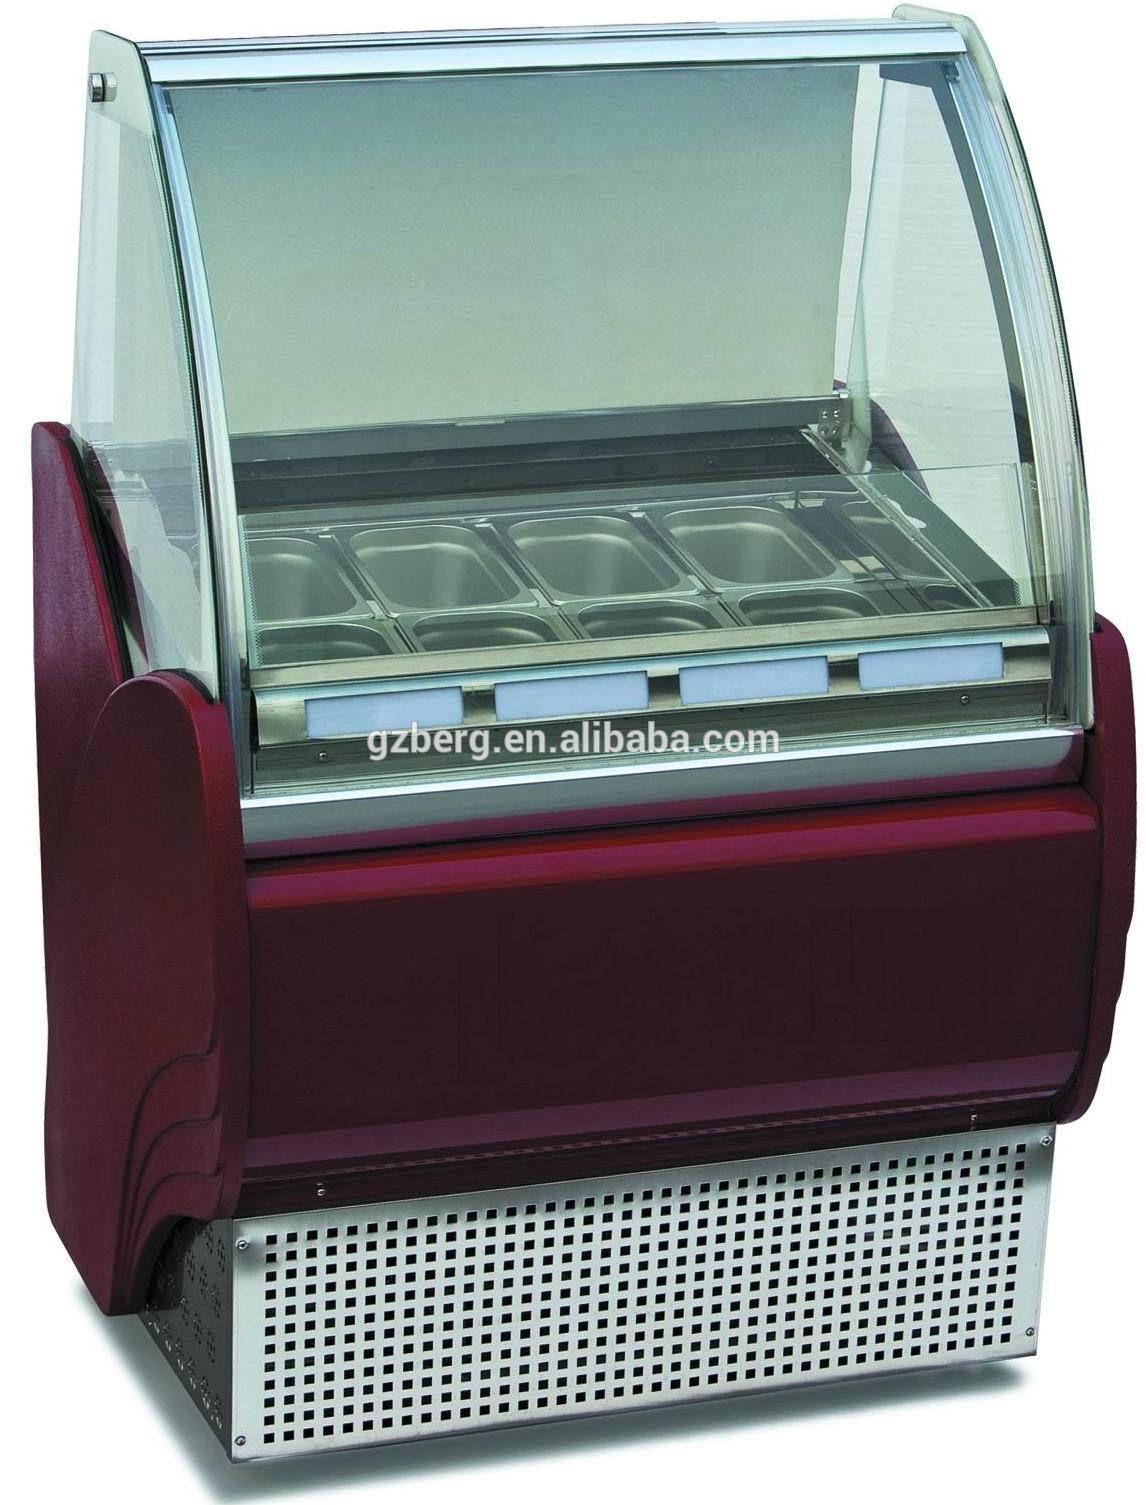 8 Trays Italian Gelato Display Freezer With Danfoss Compressor Buy Gelato Display Freezer Ice Cream Showcase Freezer I Display Cabinet Display Custom Screens